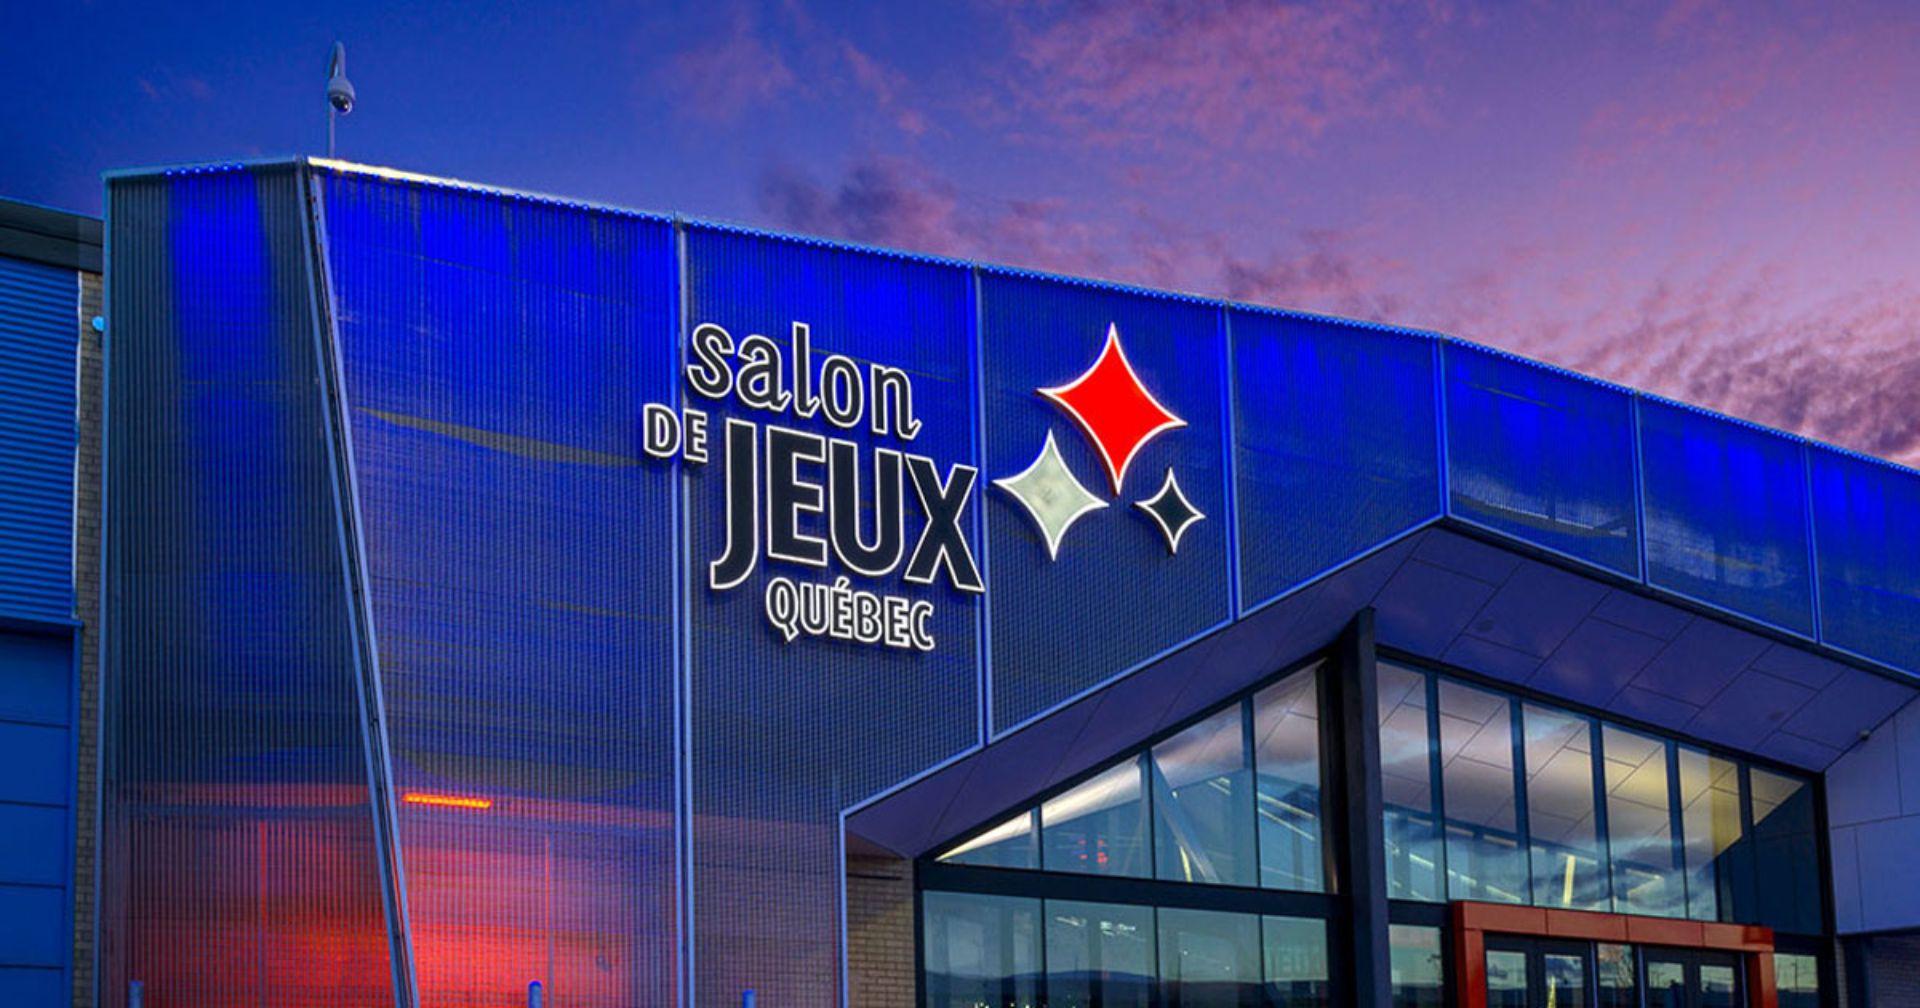 Circuit salon de provence restaurant bureau salon inspirational